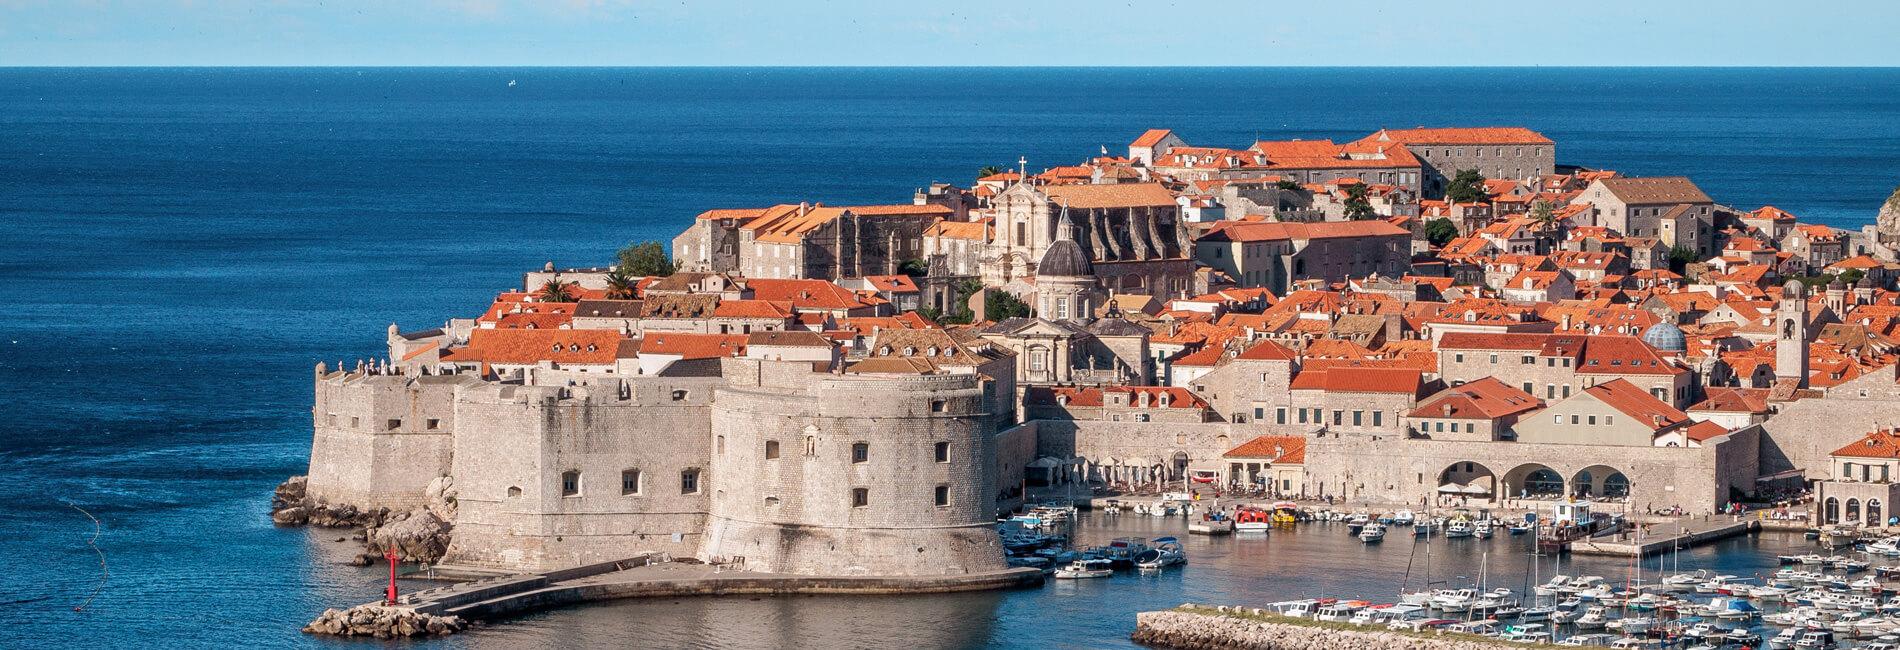 Dubrovnik | AdriaCamps